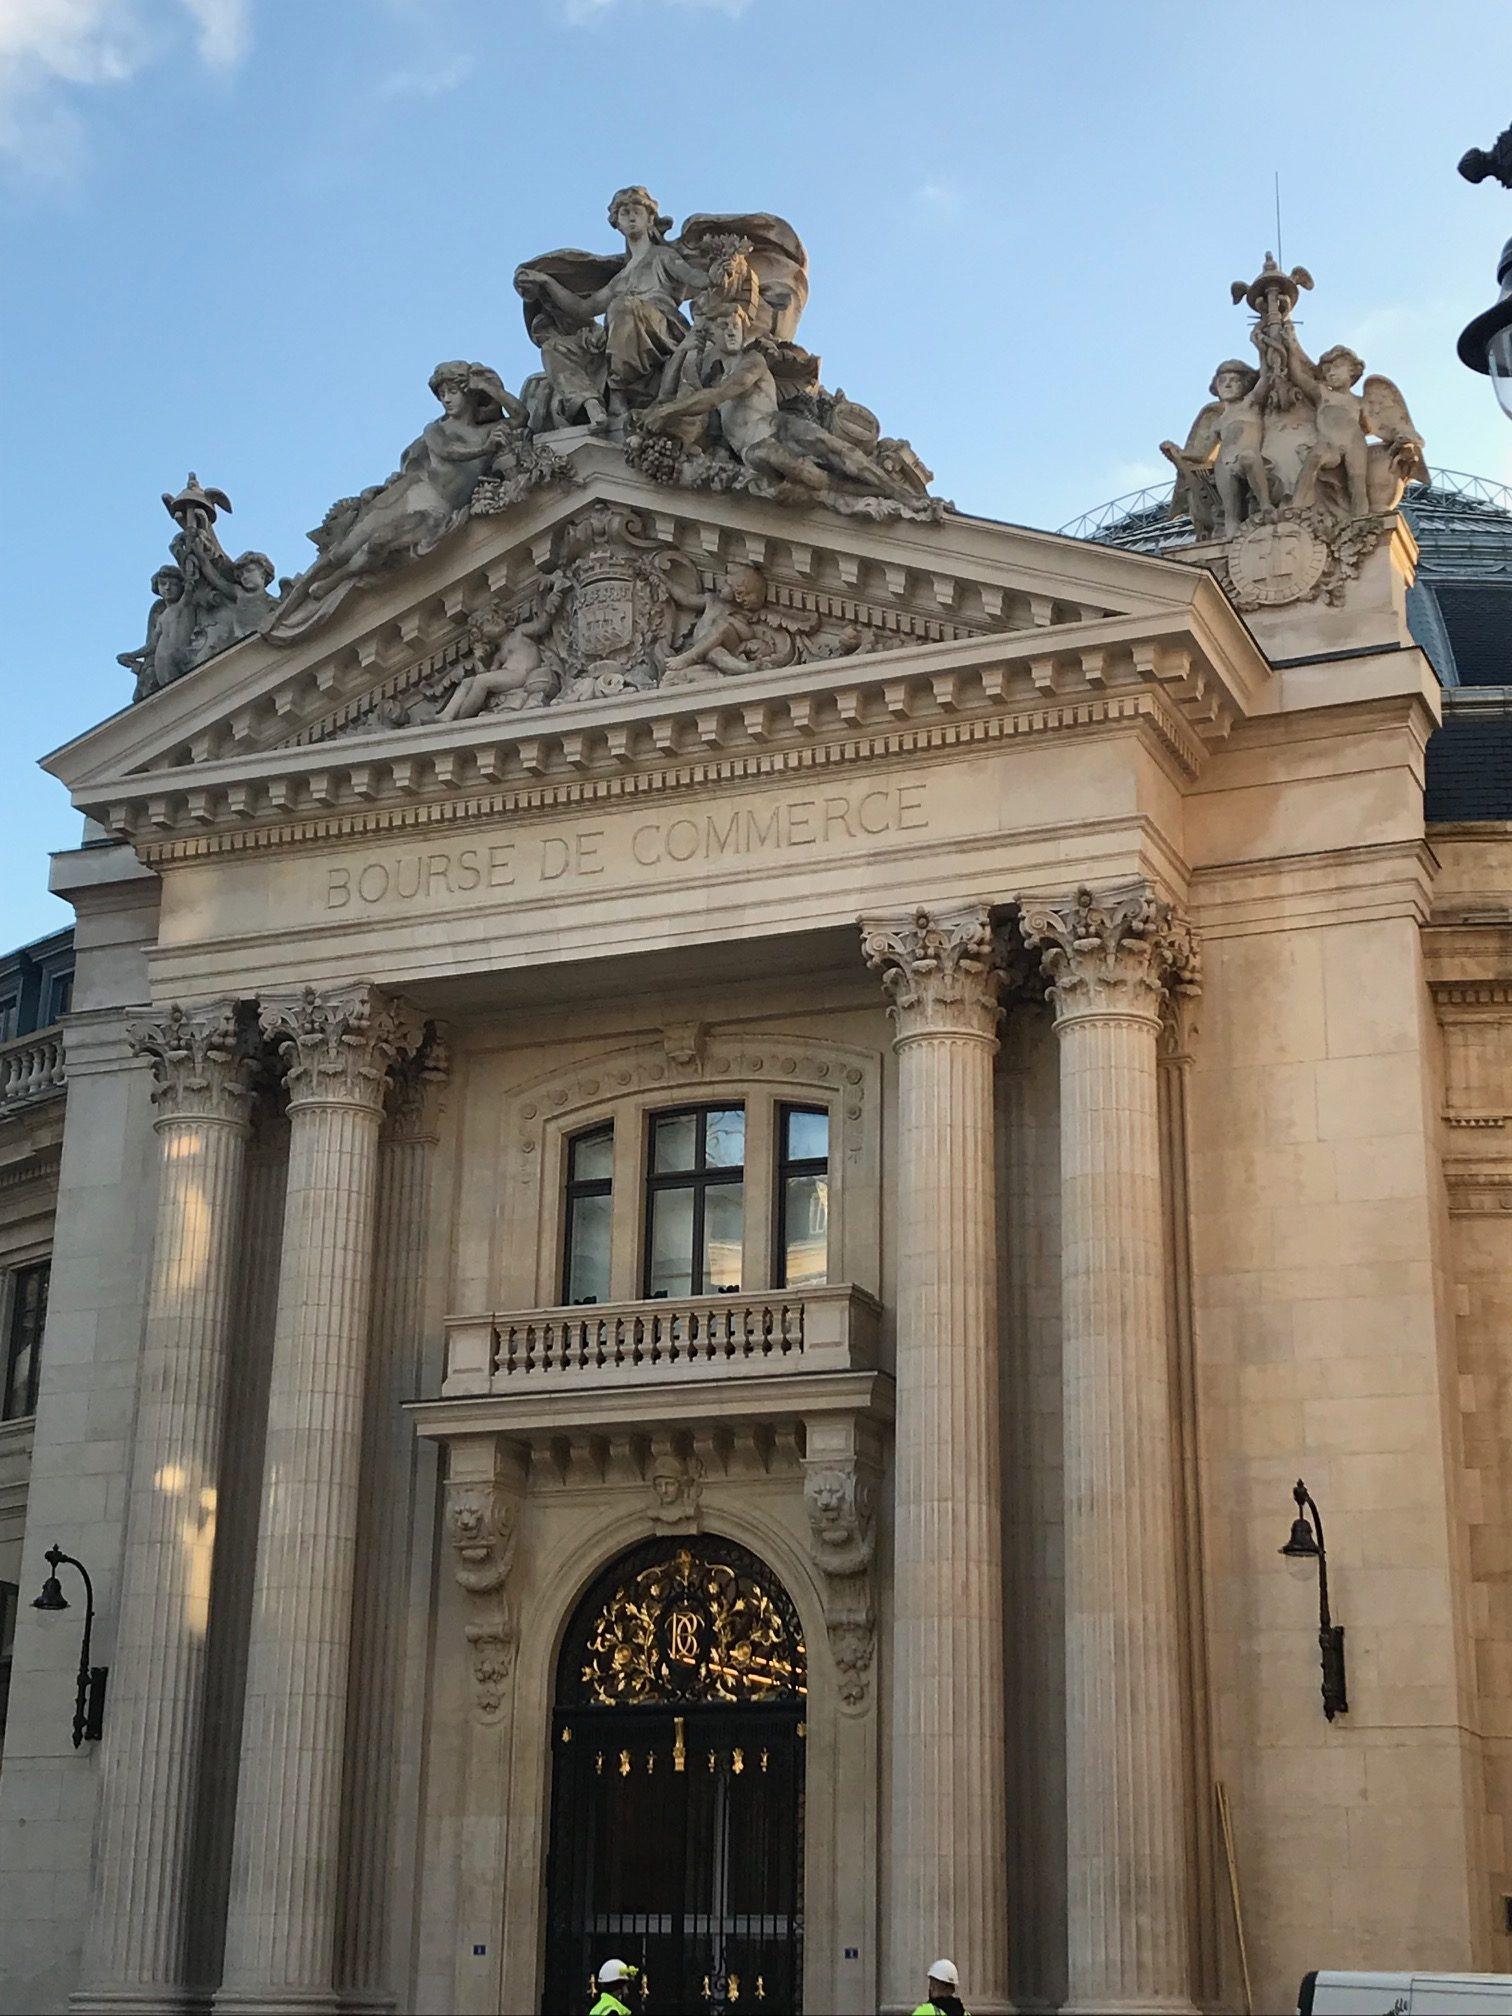 Bourse de Commerce Fondation Pinault - photo Les Bonnes Visites